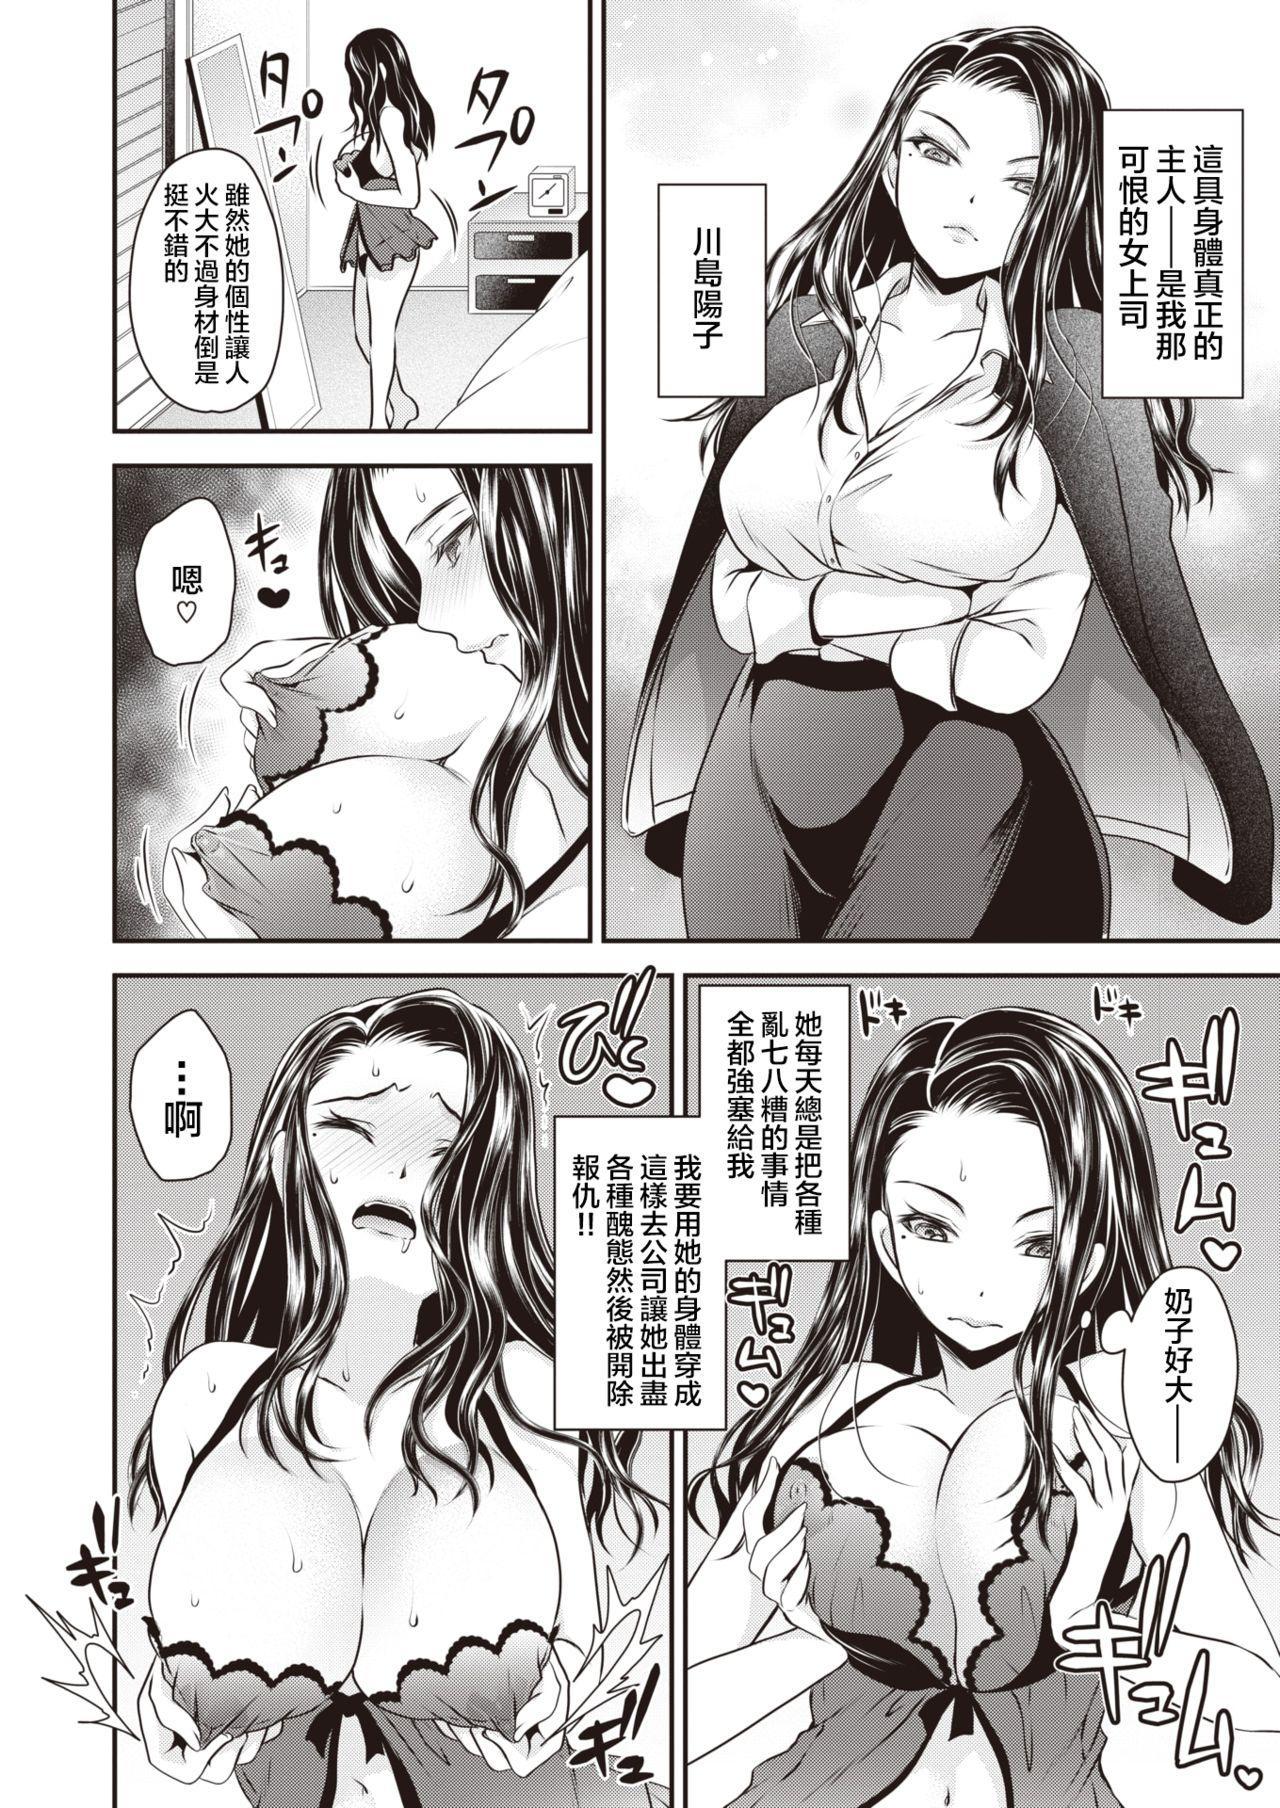 Mukatsuku Onna Joushi no Karada o Nottotte Mita! 1